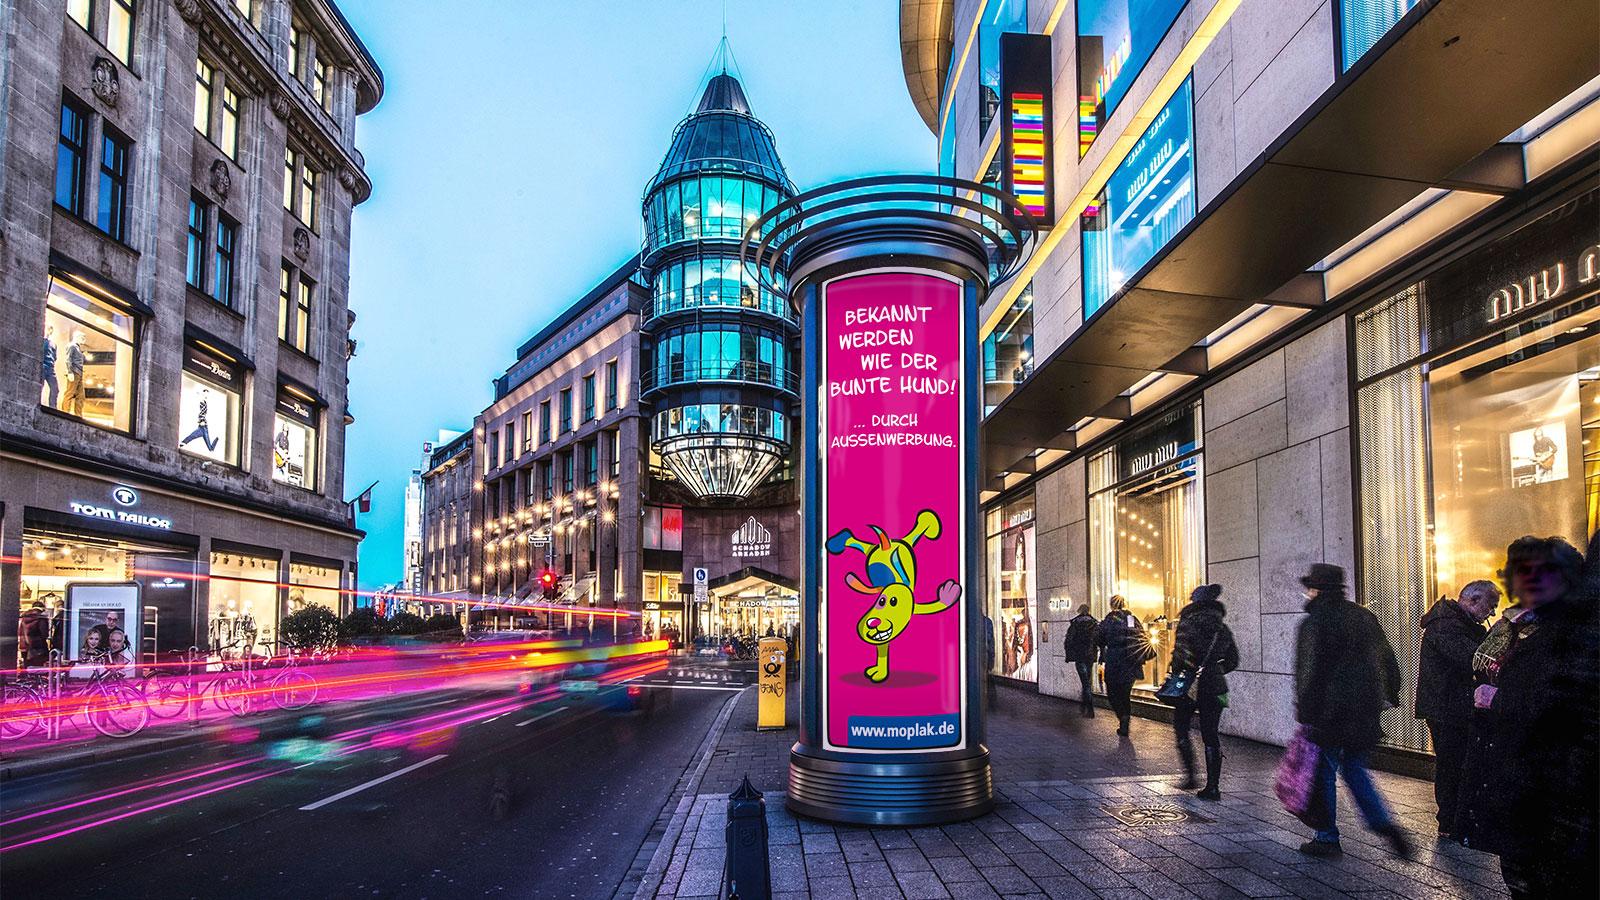 Offenbach-am-Main-Aussenwerbung-Litfasssaeule-Werbung